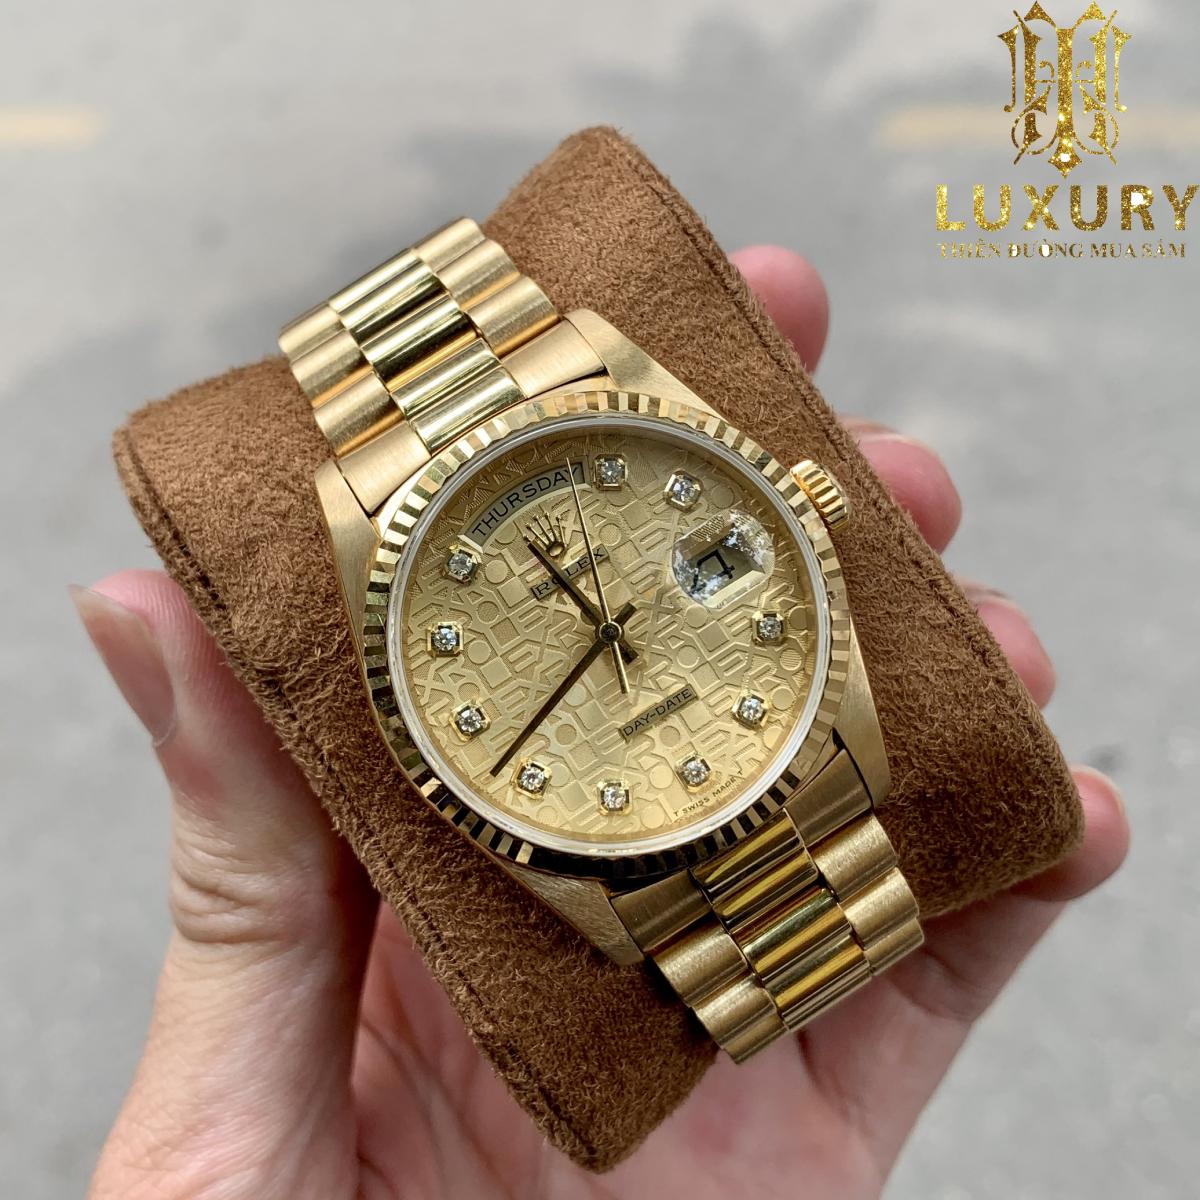 10 chiếc đồng hồ Rolex cũ đáng lựa chọn nhất 2021 Dong-ho-rolex-18238-day-date-president-mat-vi-tinh-vang-coc-so-kim-cuong-1